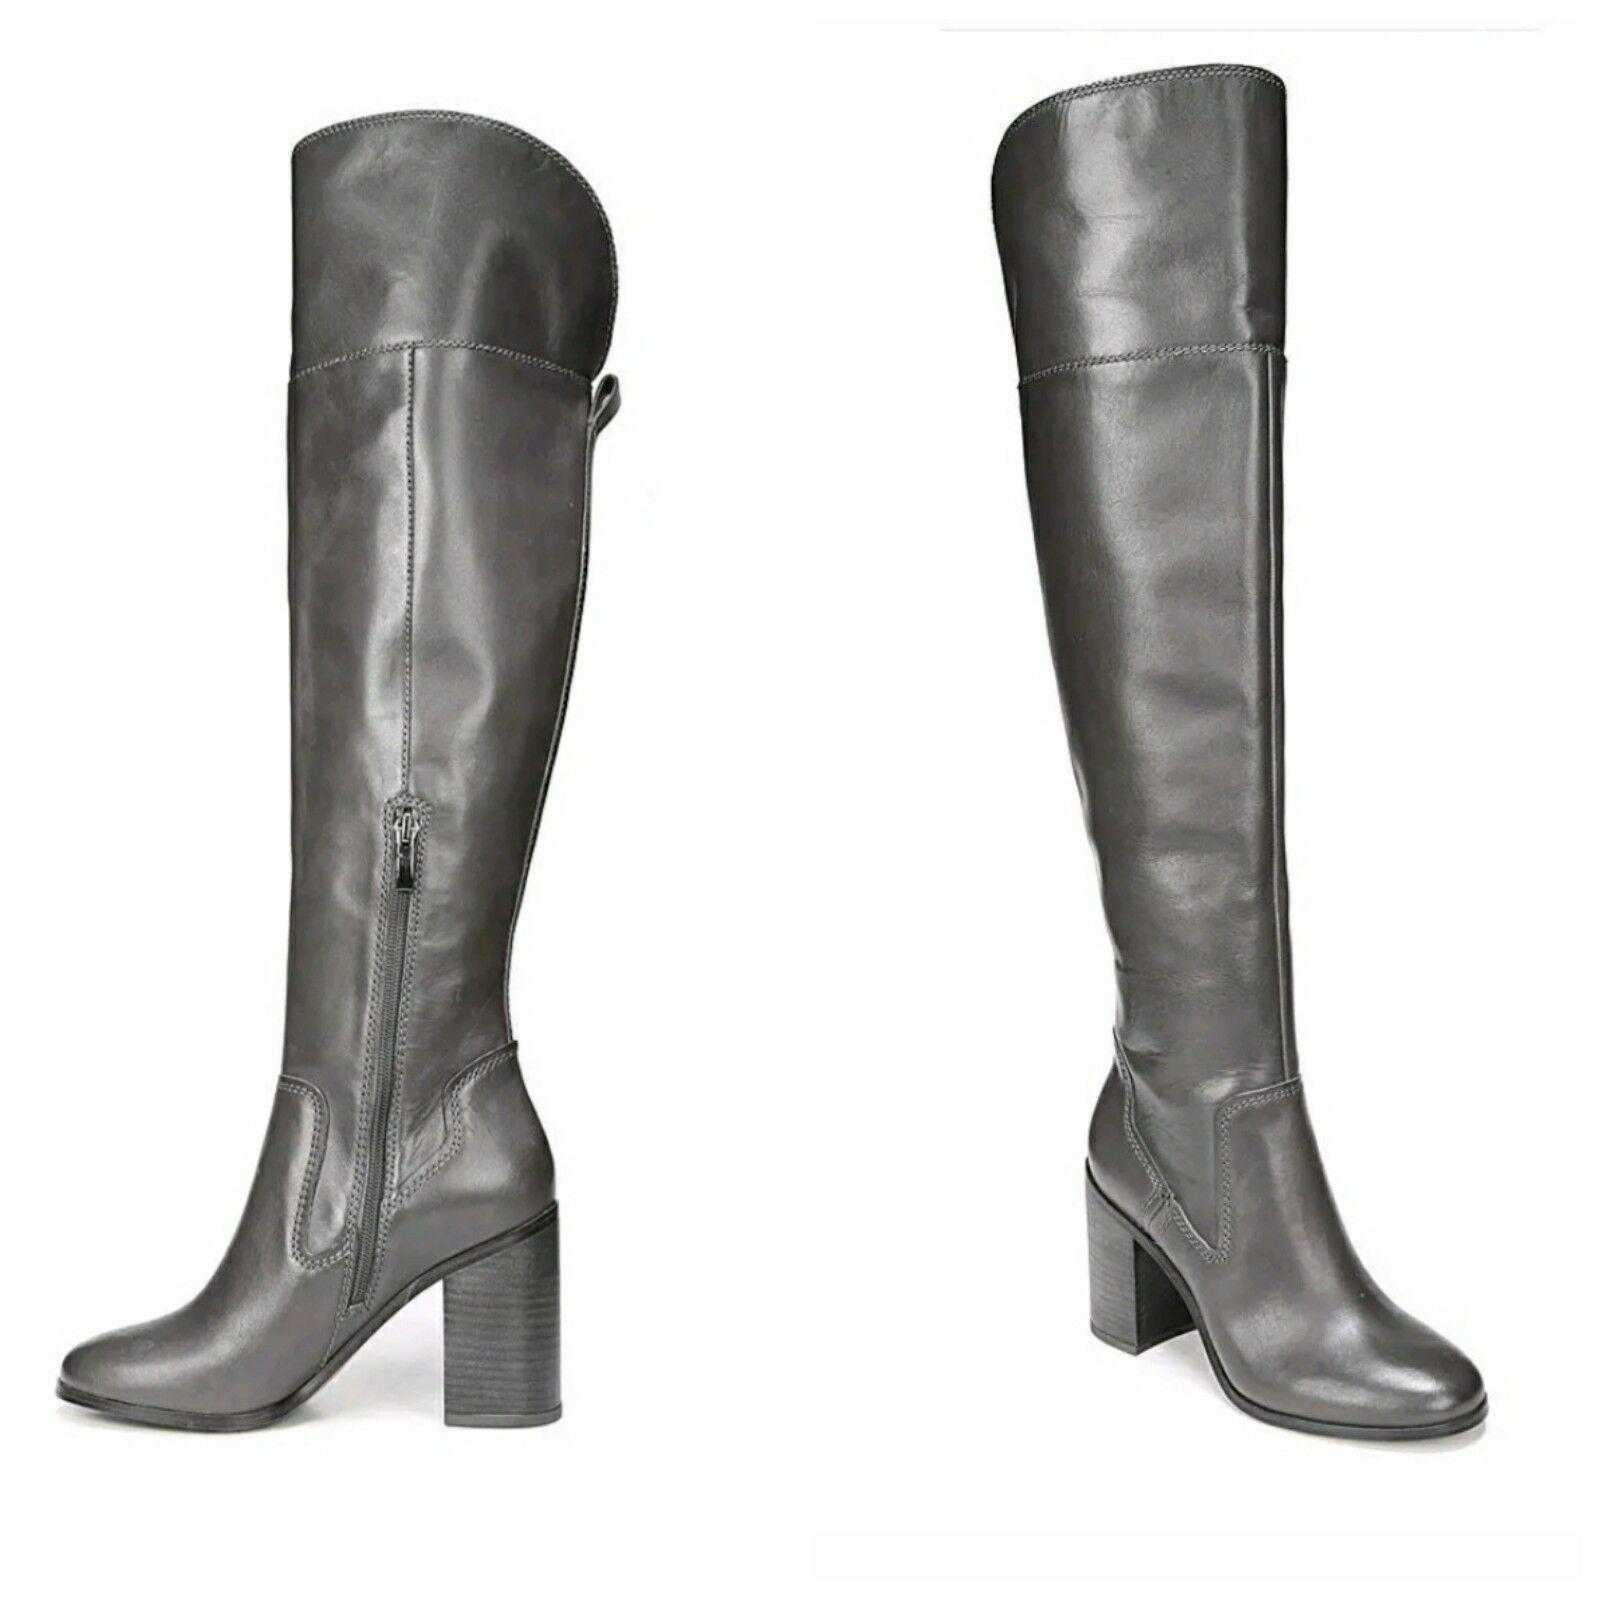 Sarto de Franco Sarto Sarto Sarto Frojoa sobre la rodilla botas talla 6.5M  los nuevos estilos calientes